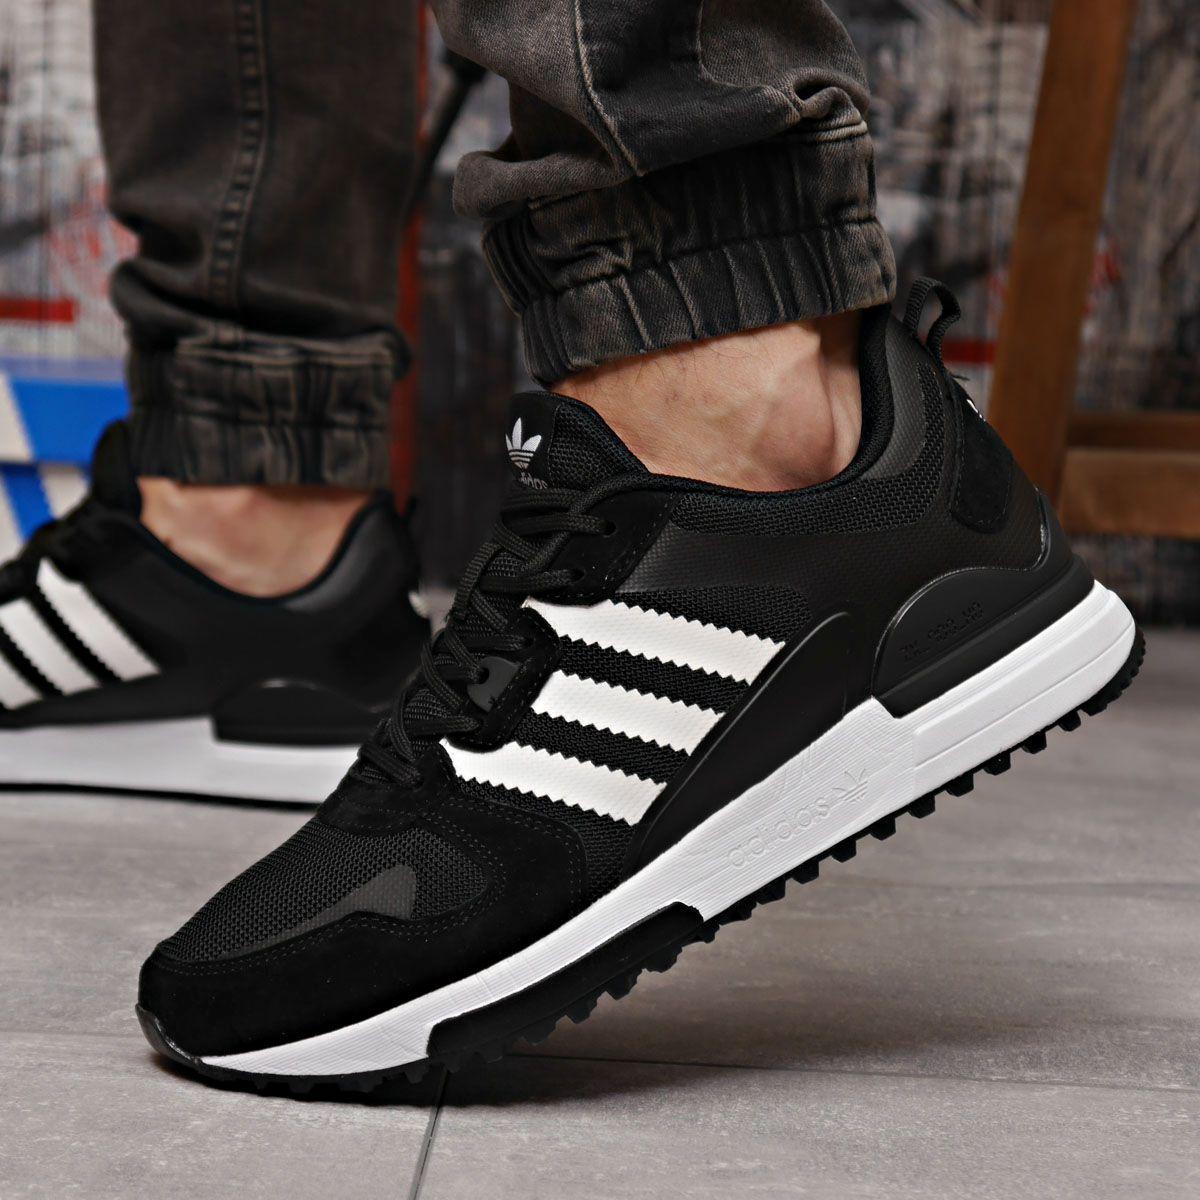 Кроссовки мужские 18284 ► Adidas Zx 700 HO, черные . [Размеры в наличии: 43,44,45,[,]]